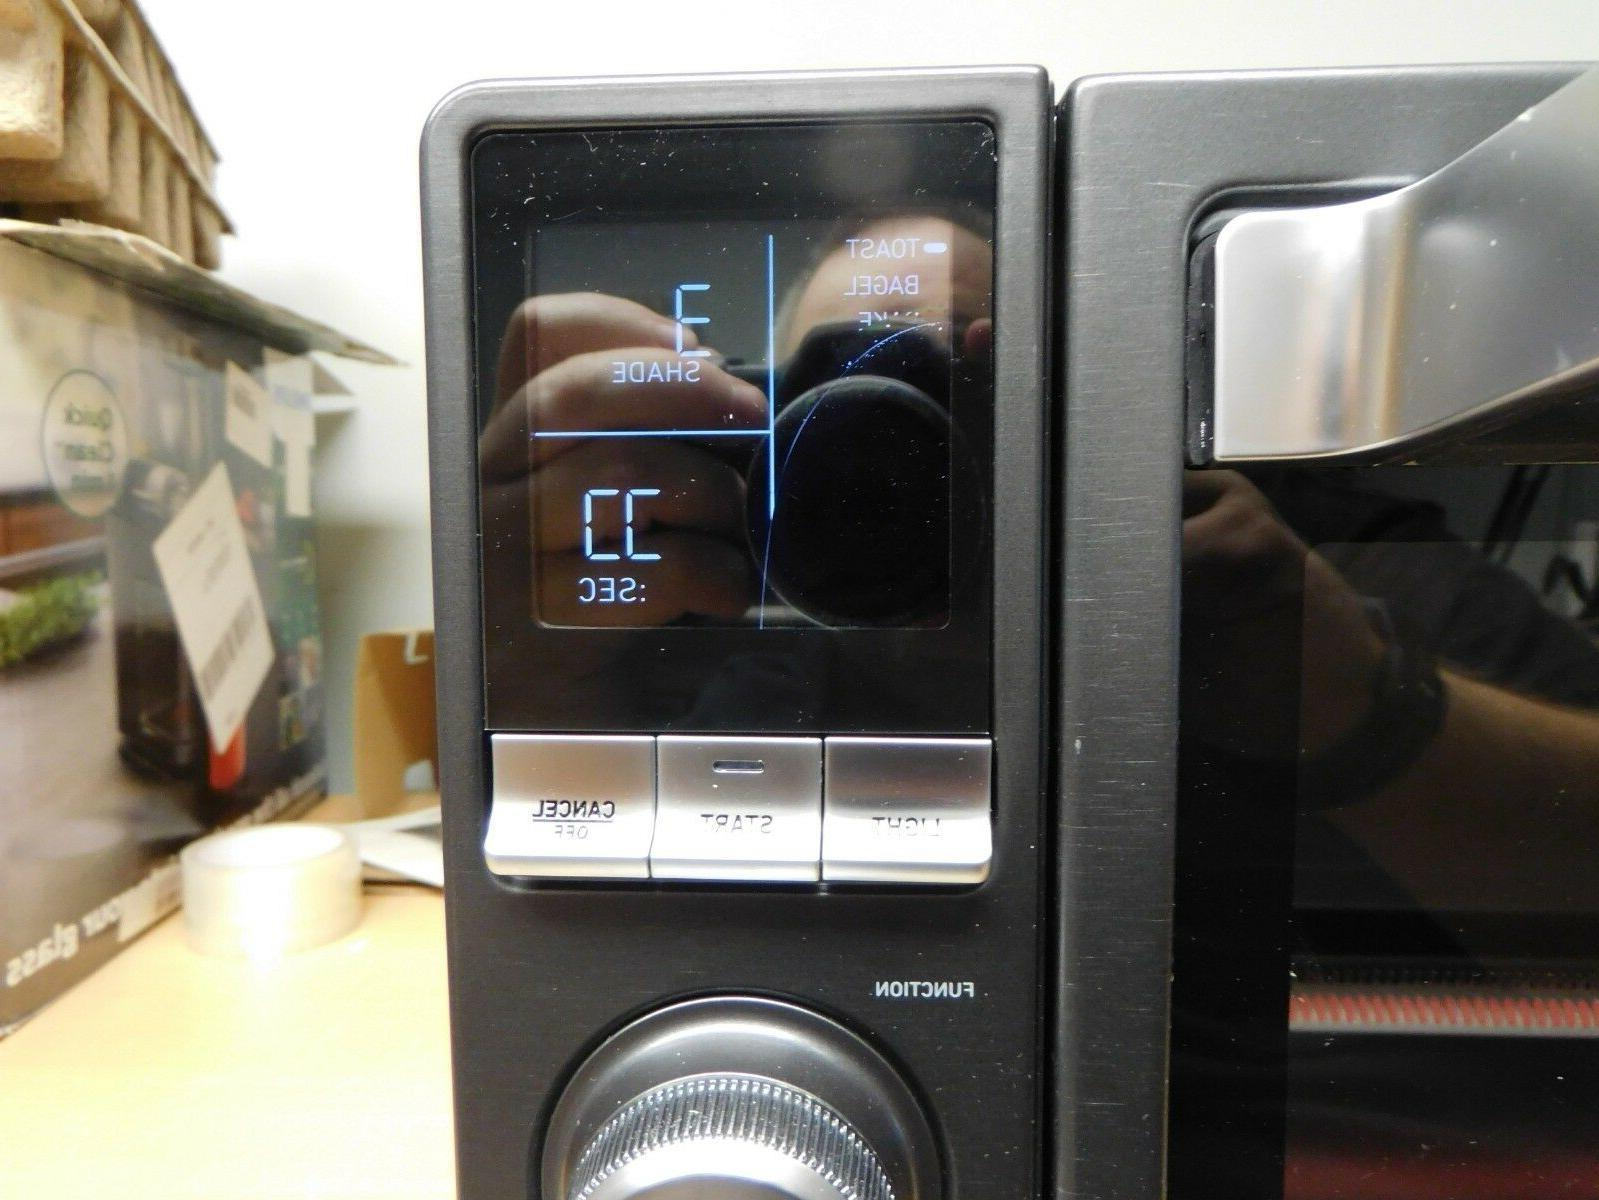 Calphalon Heat Toaster - New